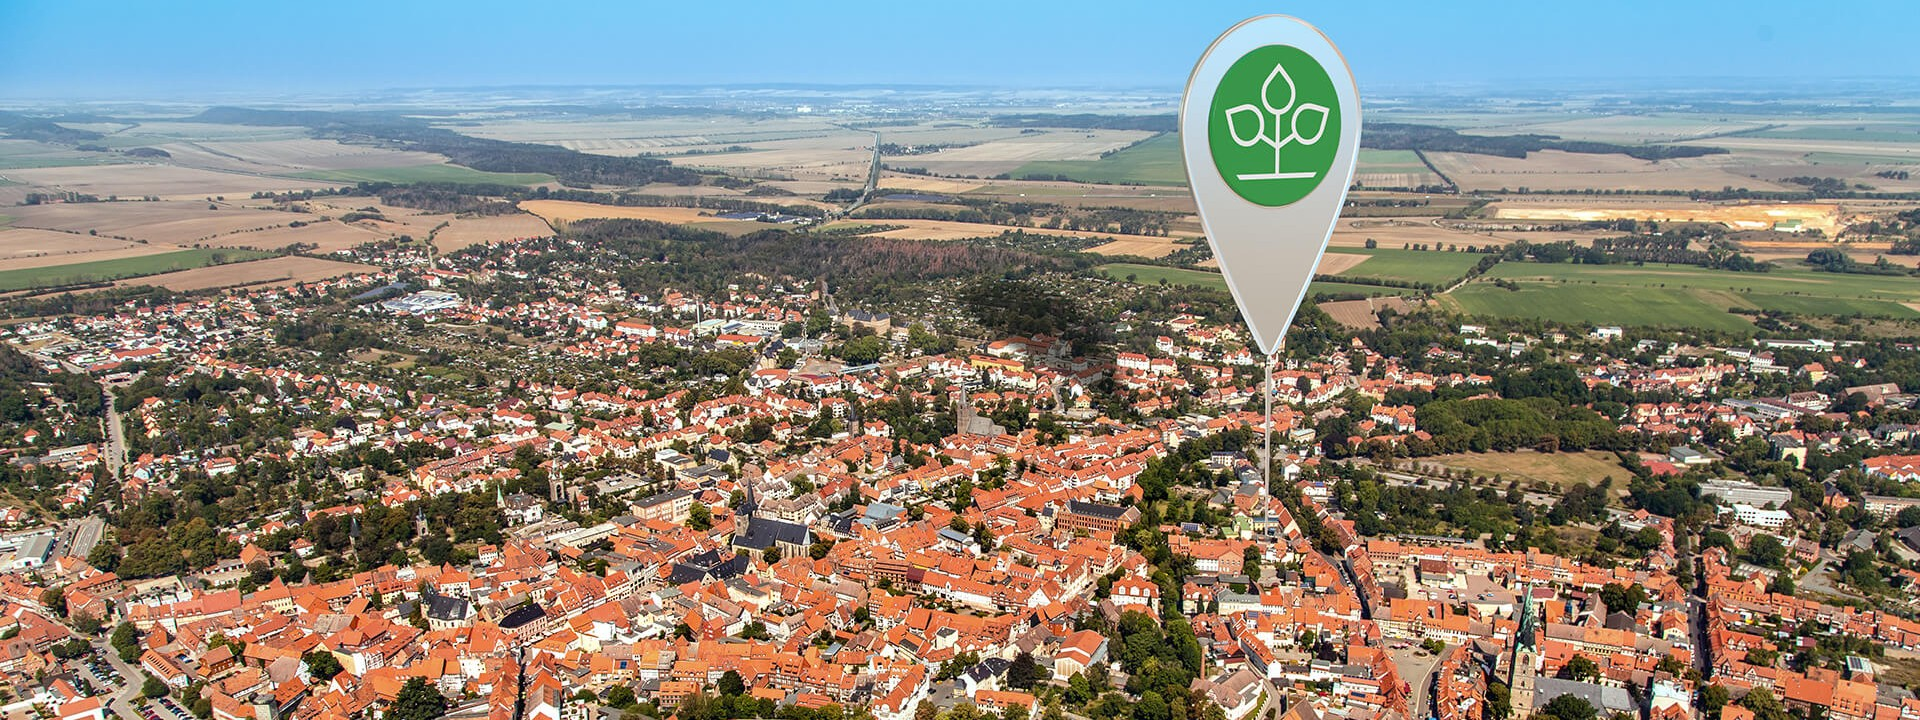 Luftbild von Quedlinburg